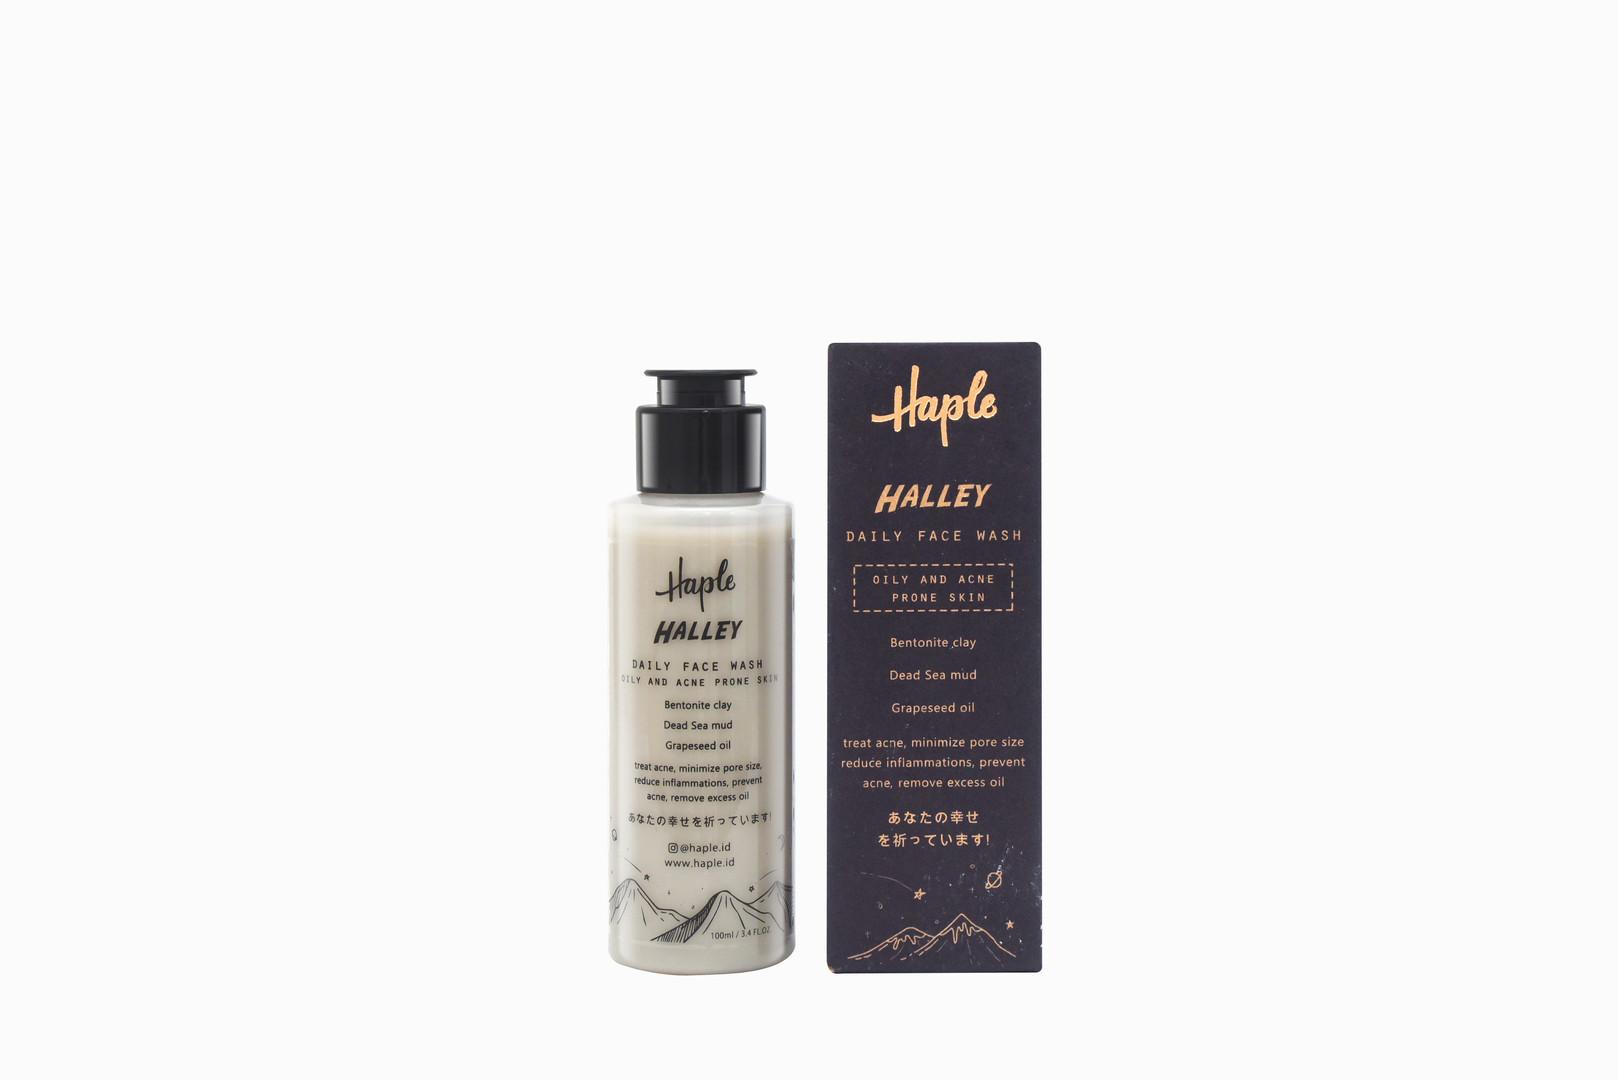 HAPLE Halley Face Wash